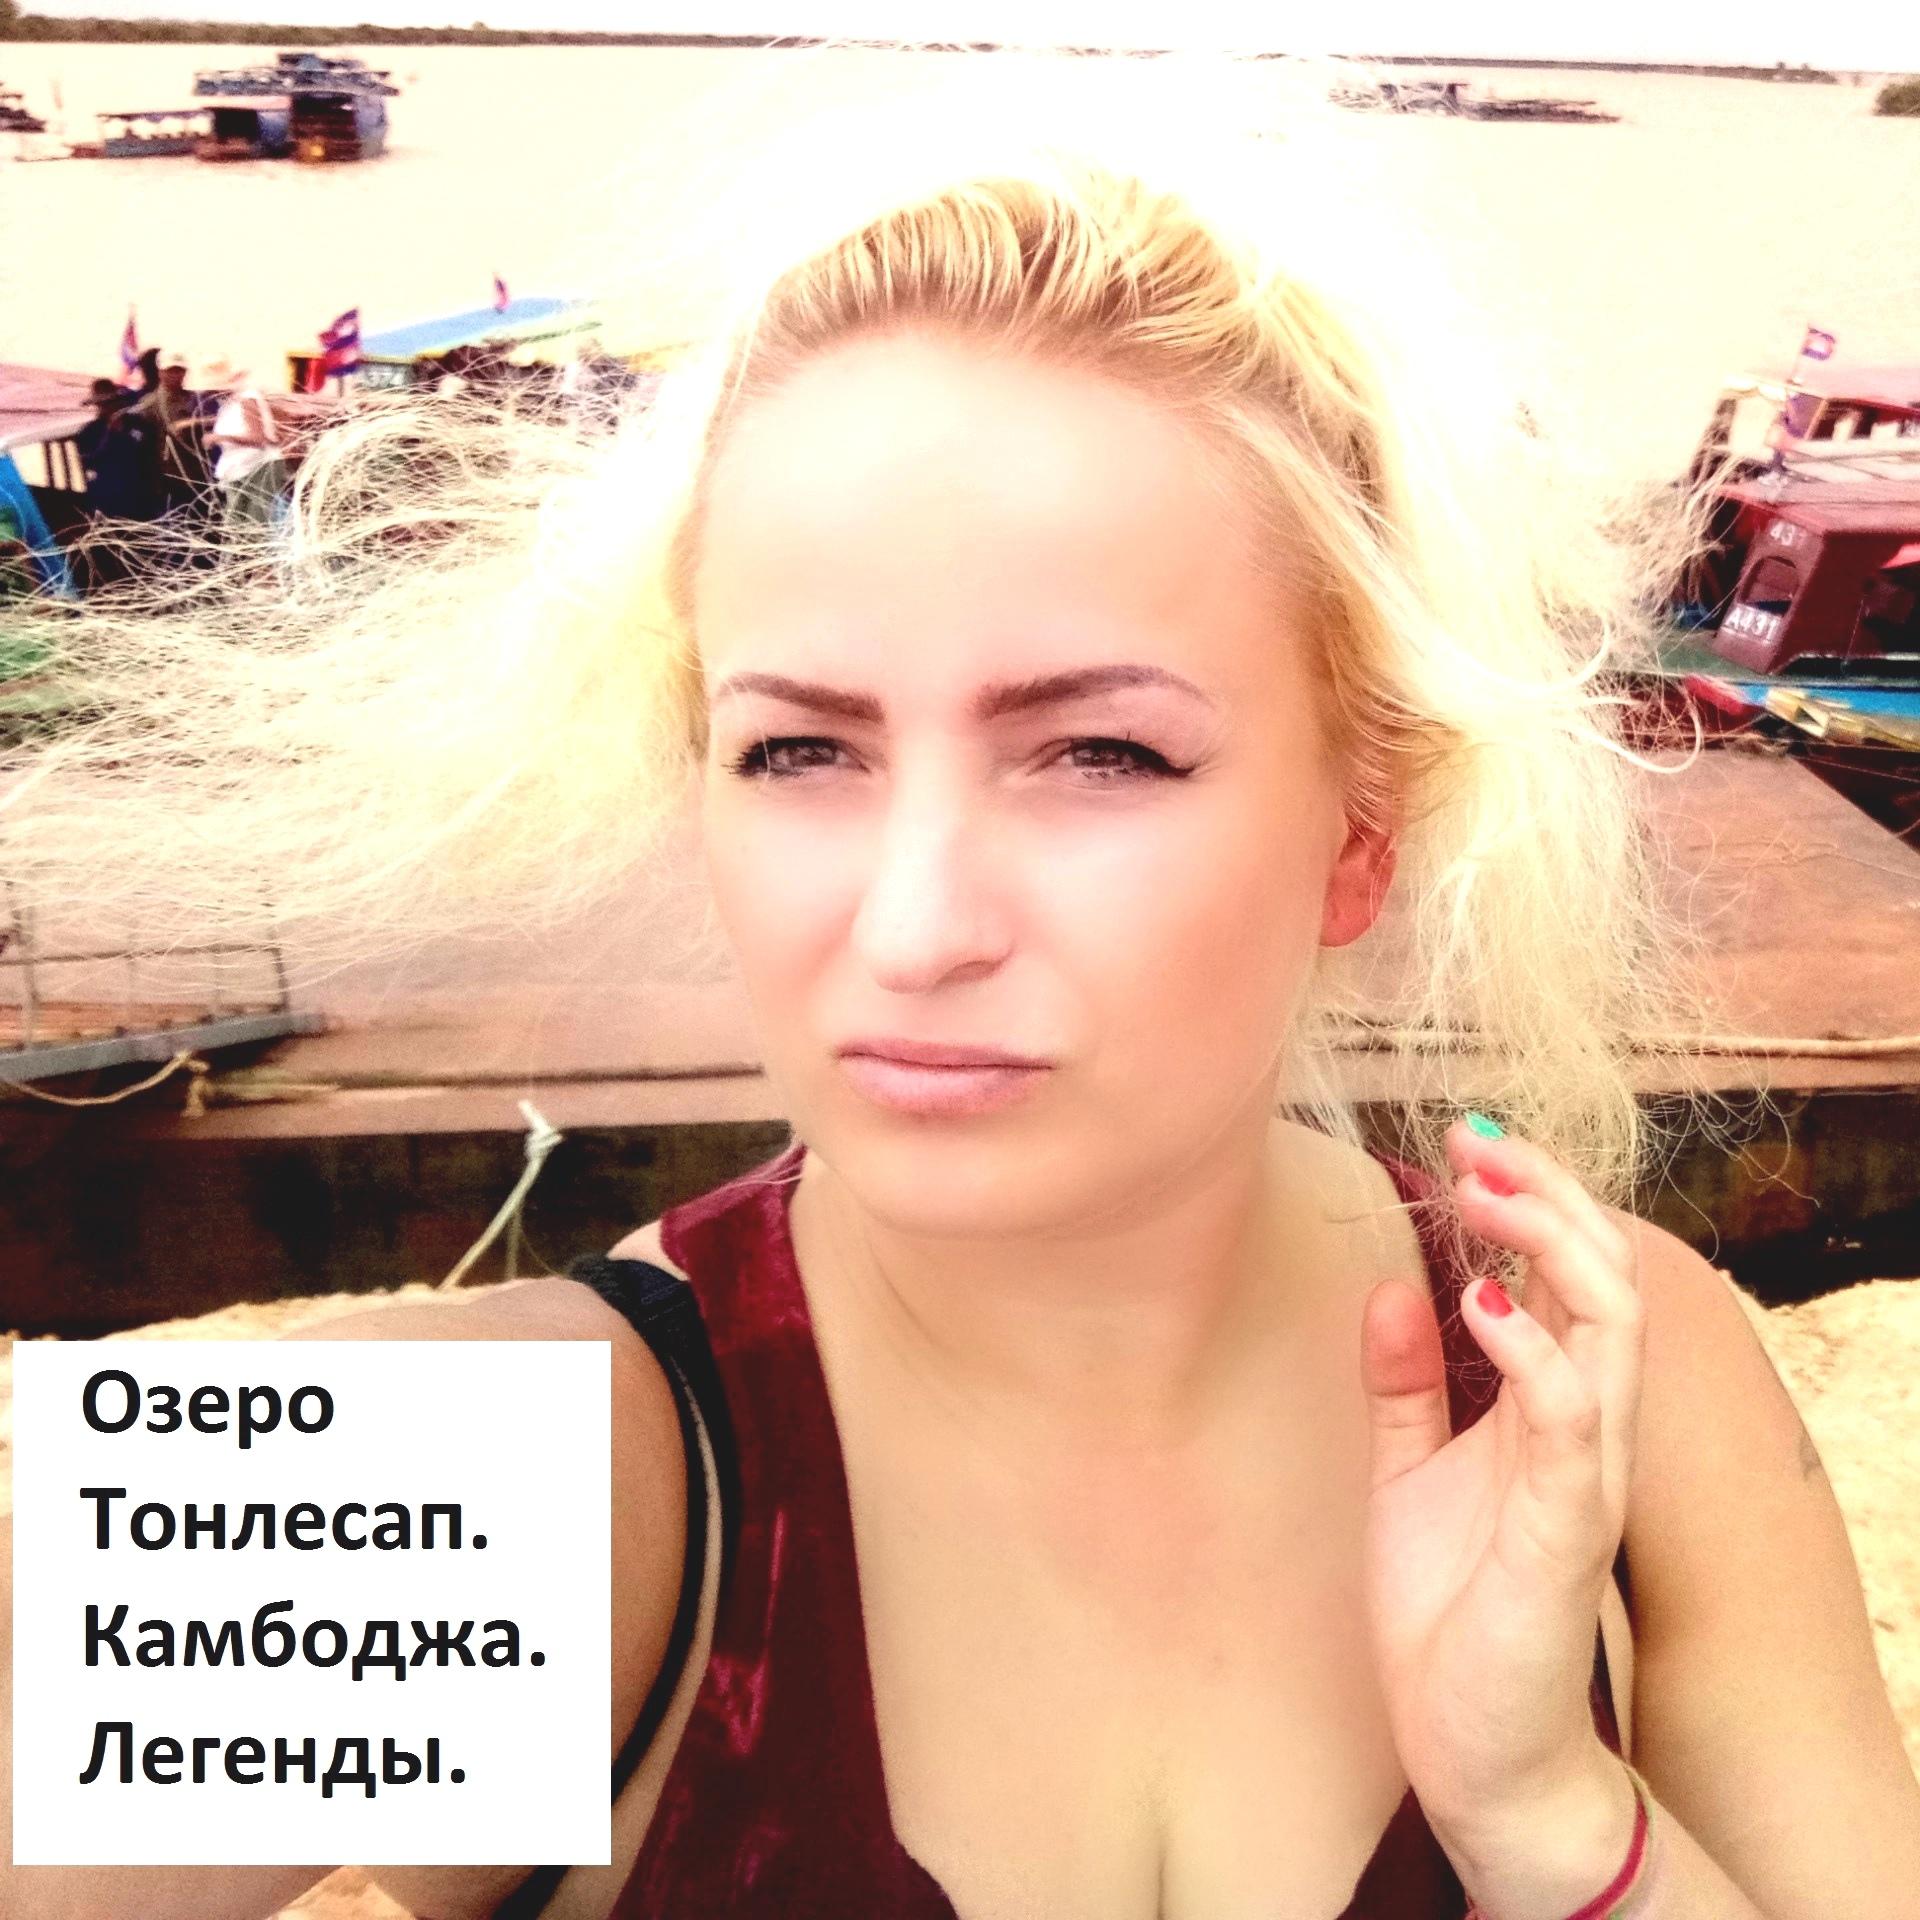 путешествие - Интересные места в которых я побывала (Елена Руденко). ATqZMIzBKuc